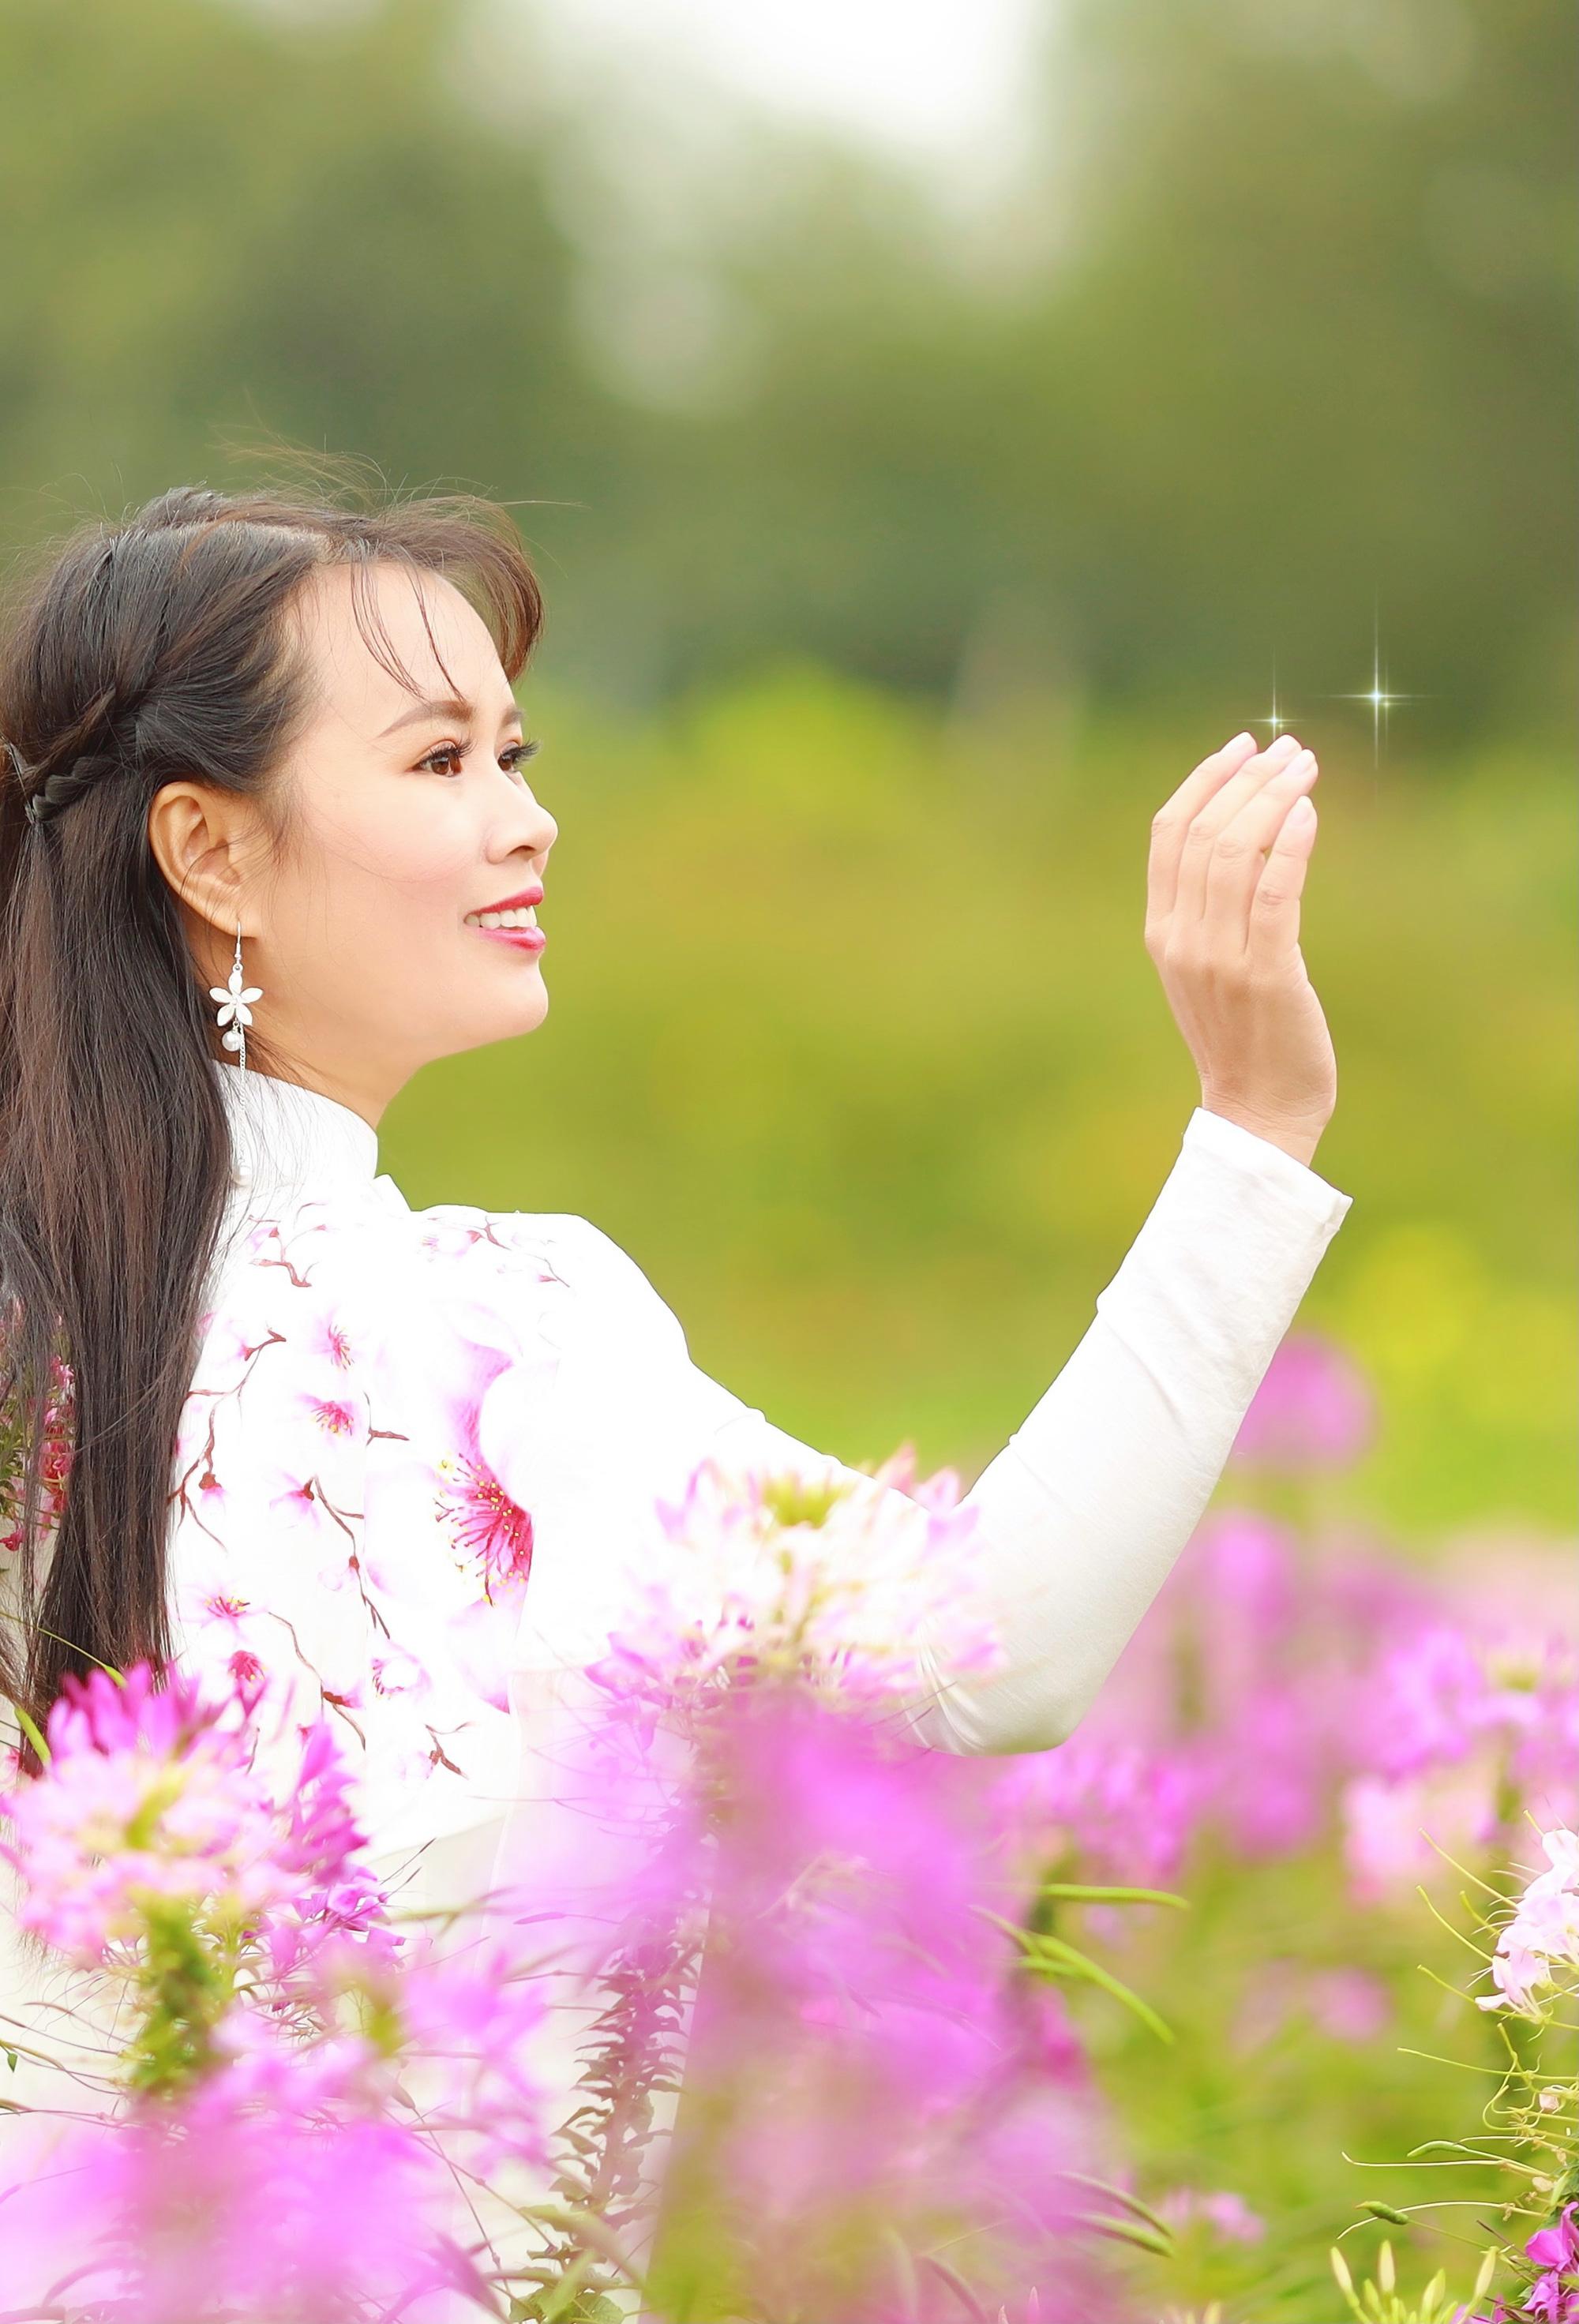 Vẻ đẹp thần tiên tỉ tỉ của Phạm Thị Ngọc Thanh trong bộ ảnh đón xuân - Ảnh 7.